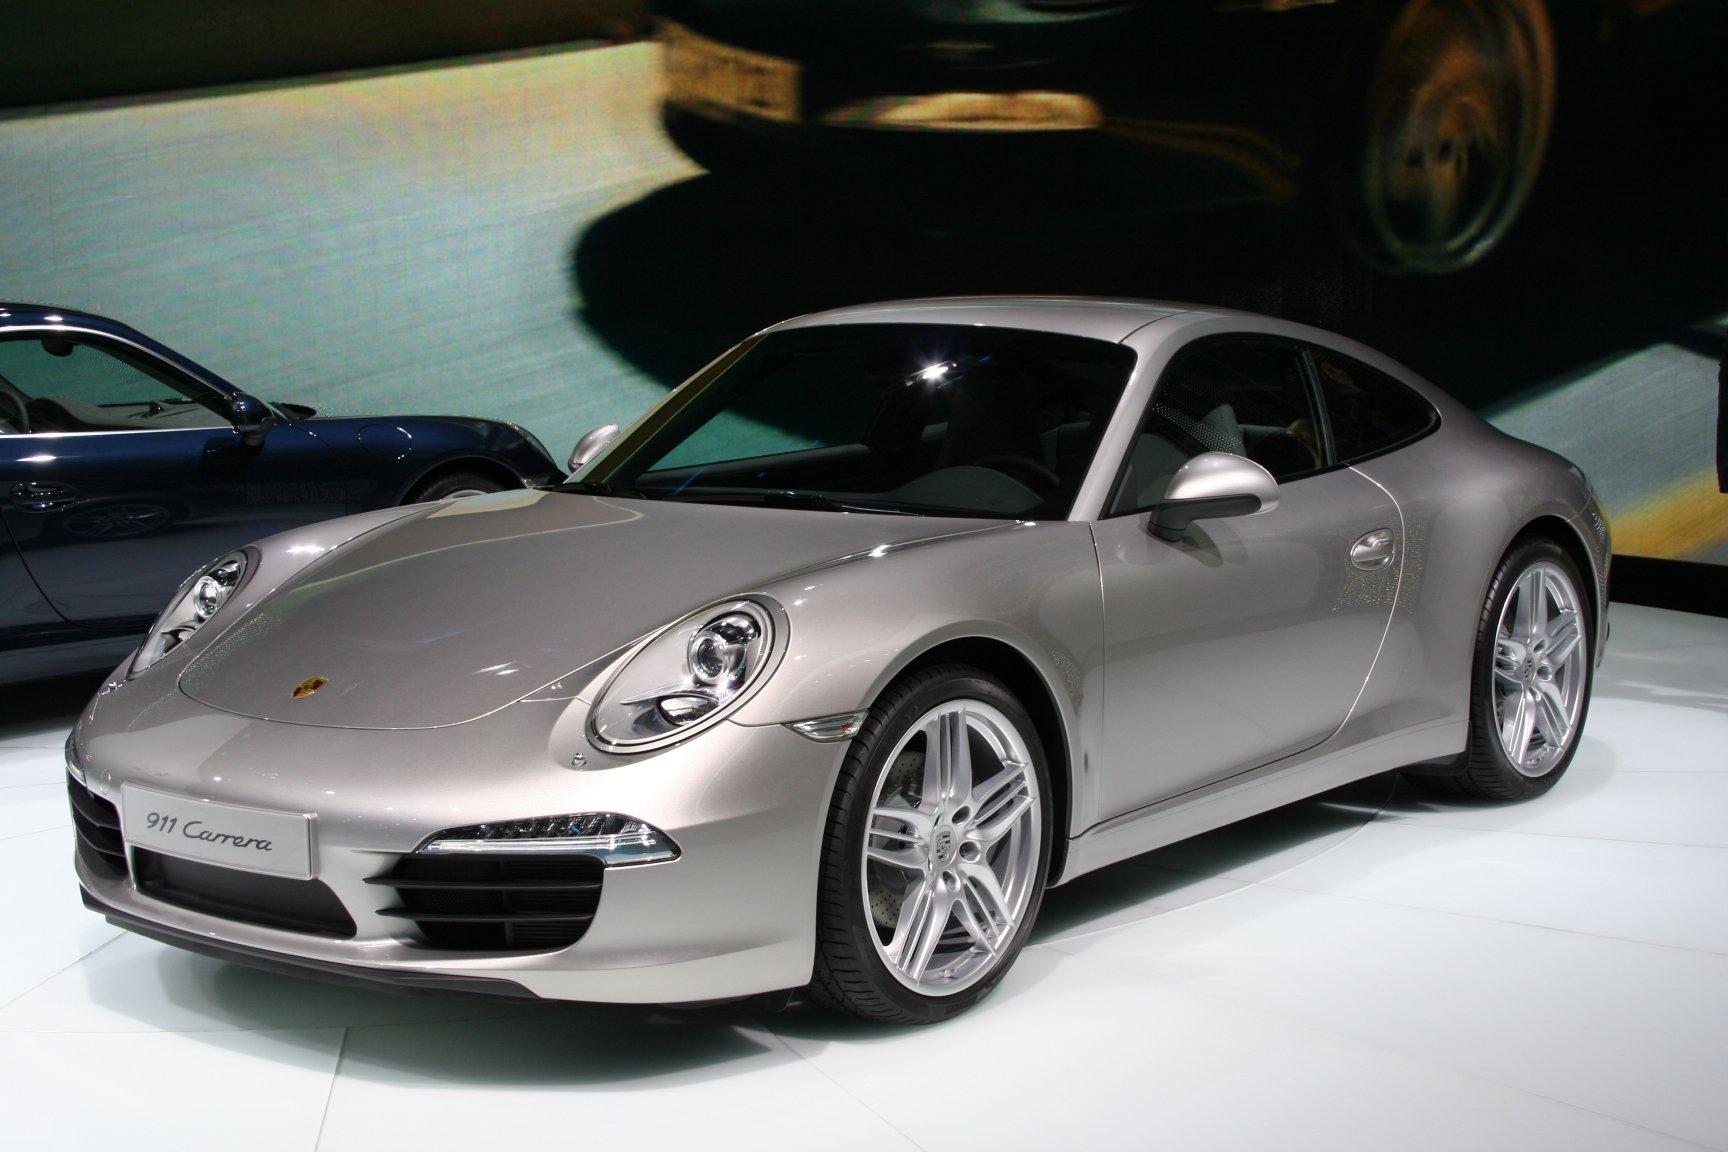 Porsche Carrera - Изображение 1